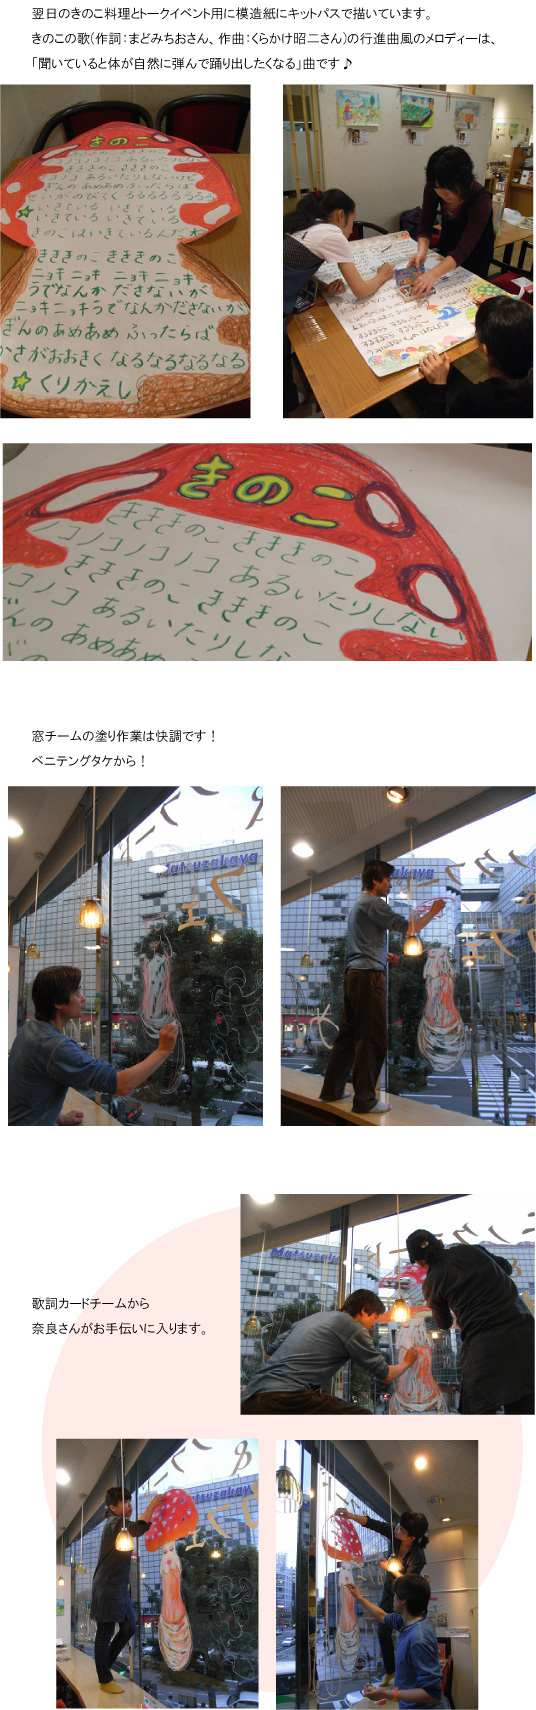 めぐり・ウインドー・ギャラリー第13弾は飯沢耕太郎さんの『きのこCafe(カフェ)』(2011年11月18日〜12月中旬)